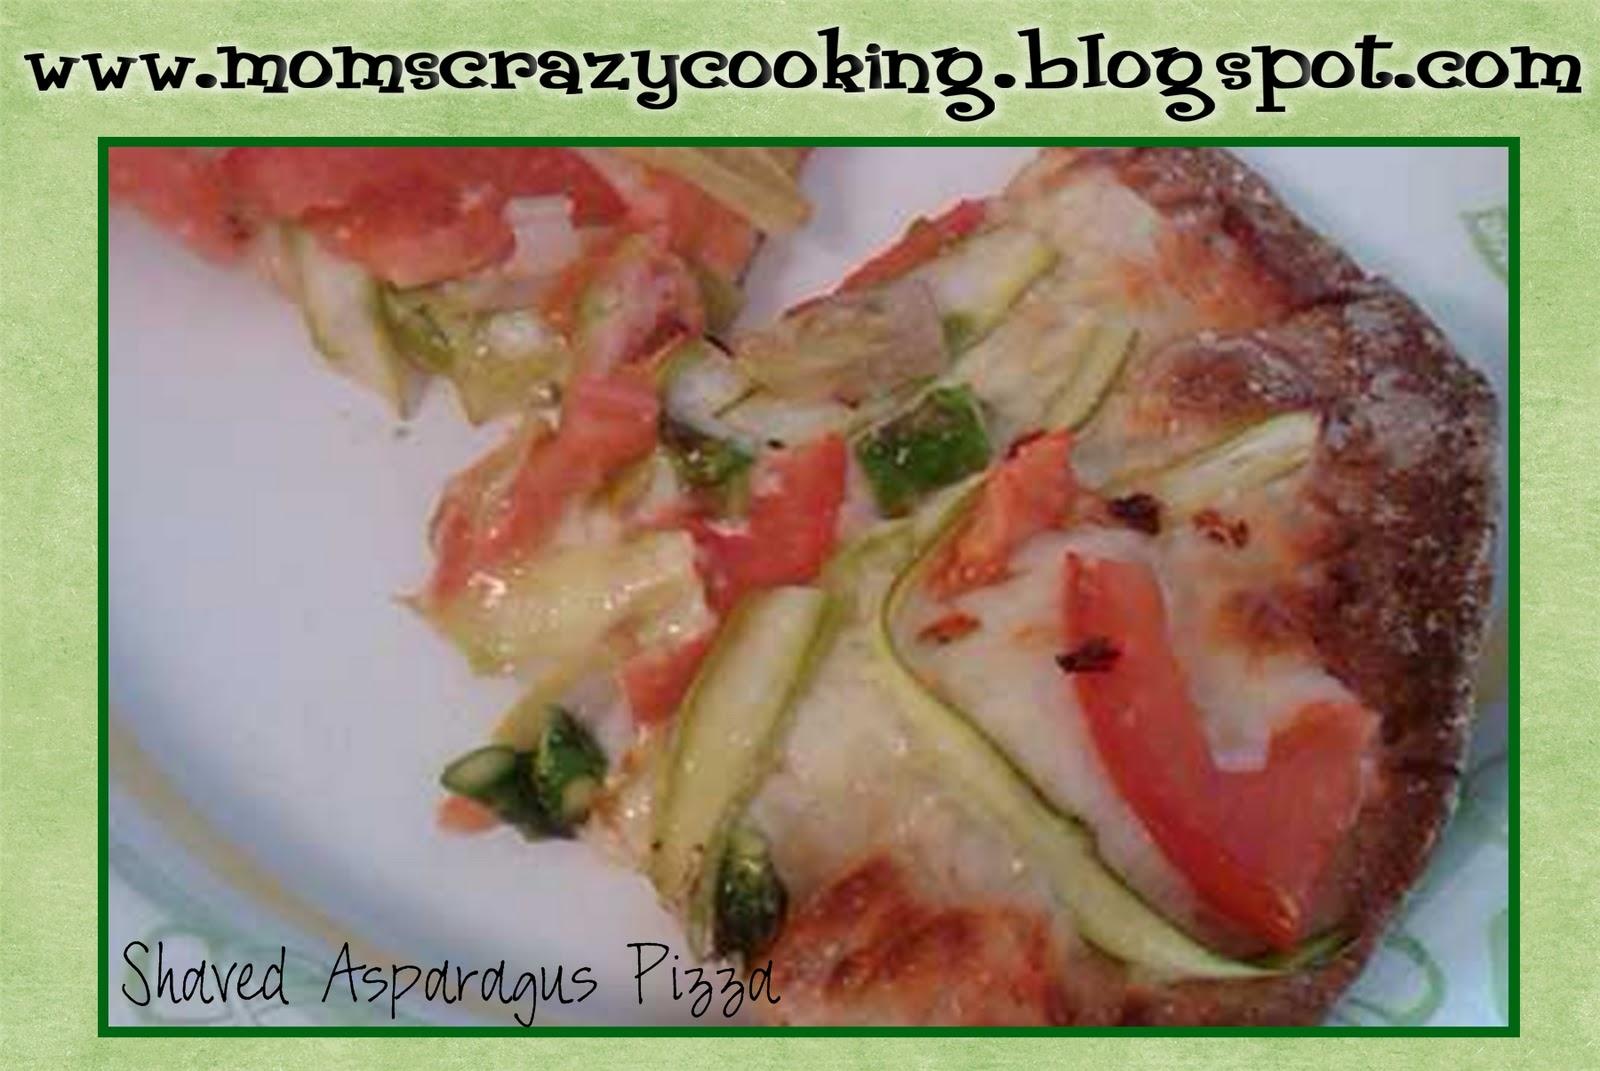 shaved asparagus pizza favorite pizza dough 1 2 pound asparagus 1 2 ...